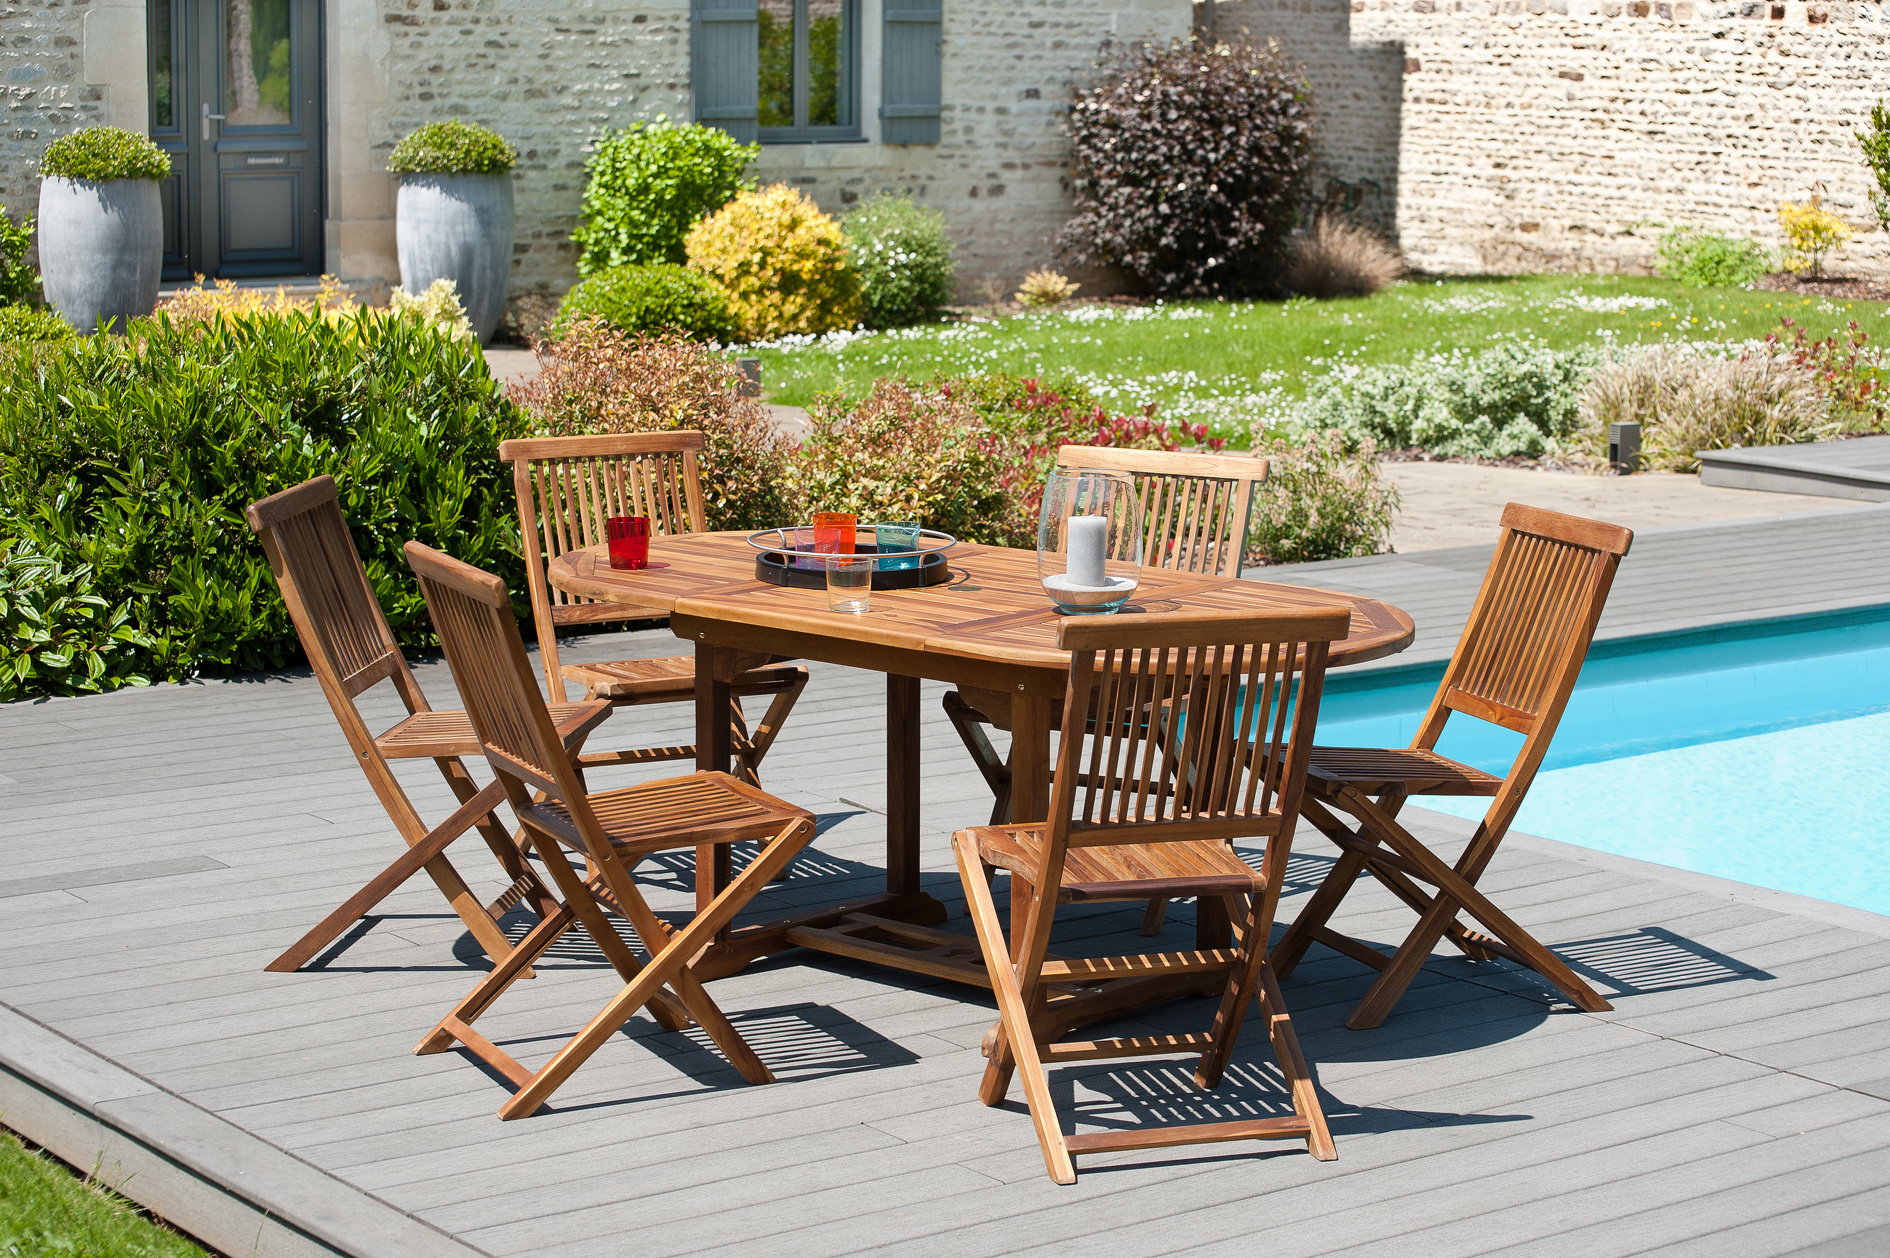 Petite Table De Jardin Metallique : Table de jardin ovale en teck extensible 120180 BORNEO ( Ce produit n